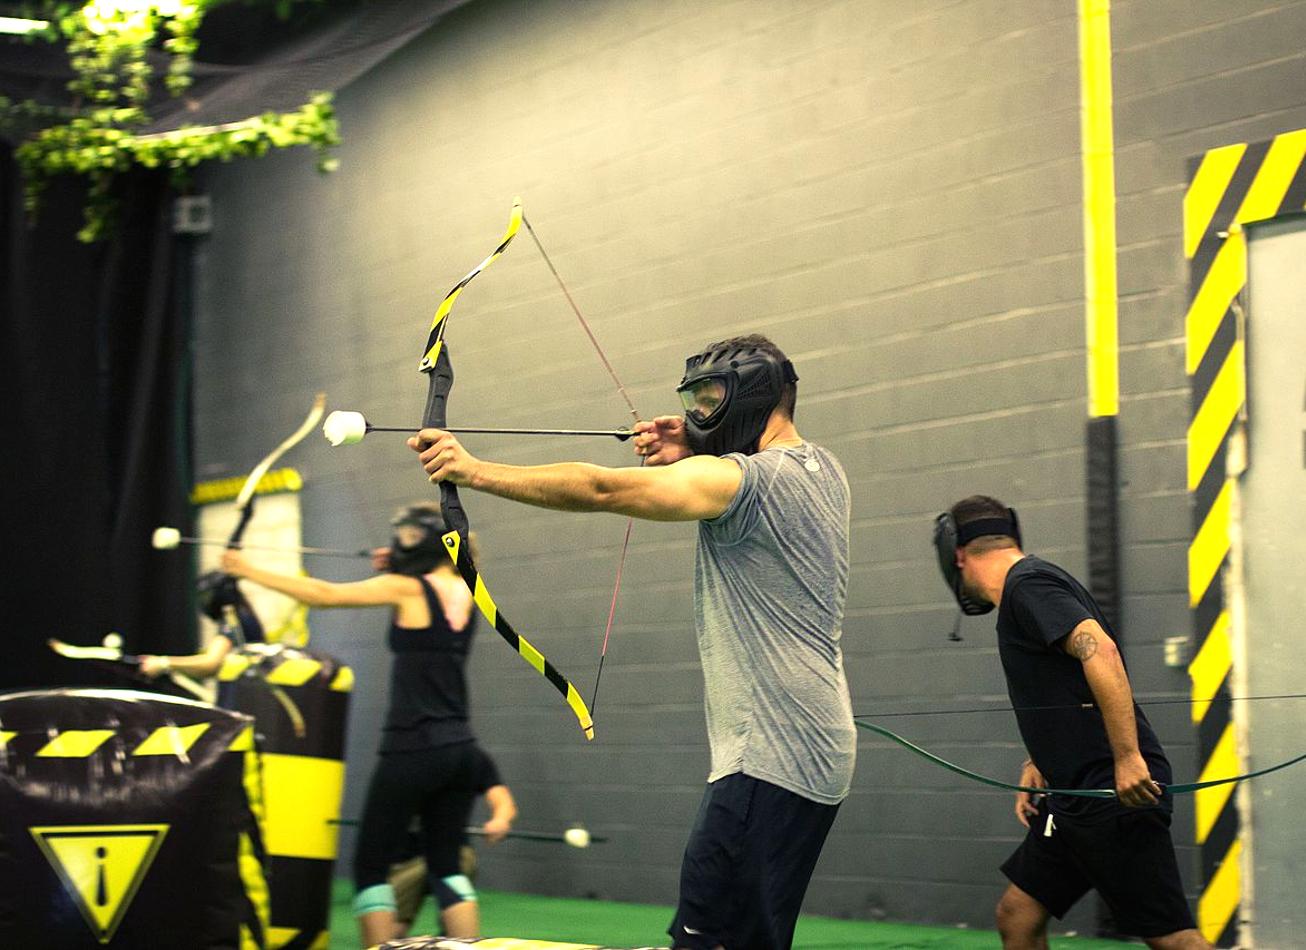 archery battle tag arc combat prague activites vimigo